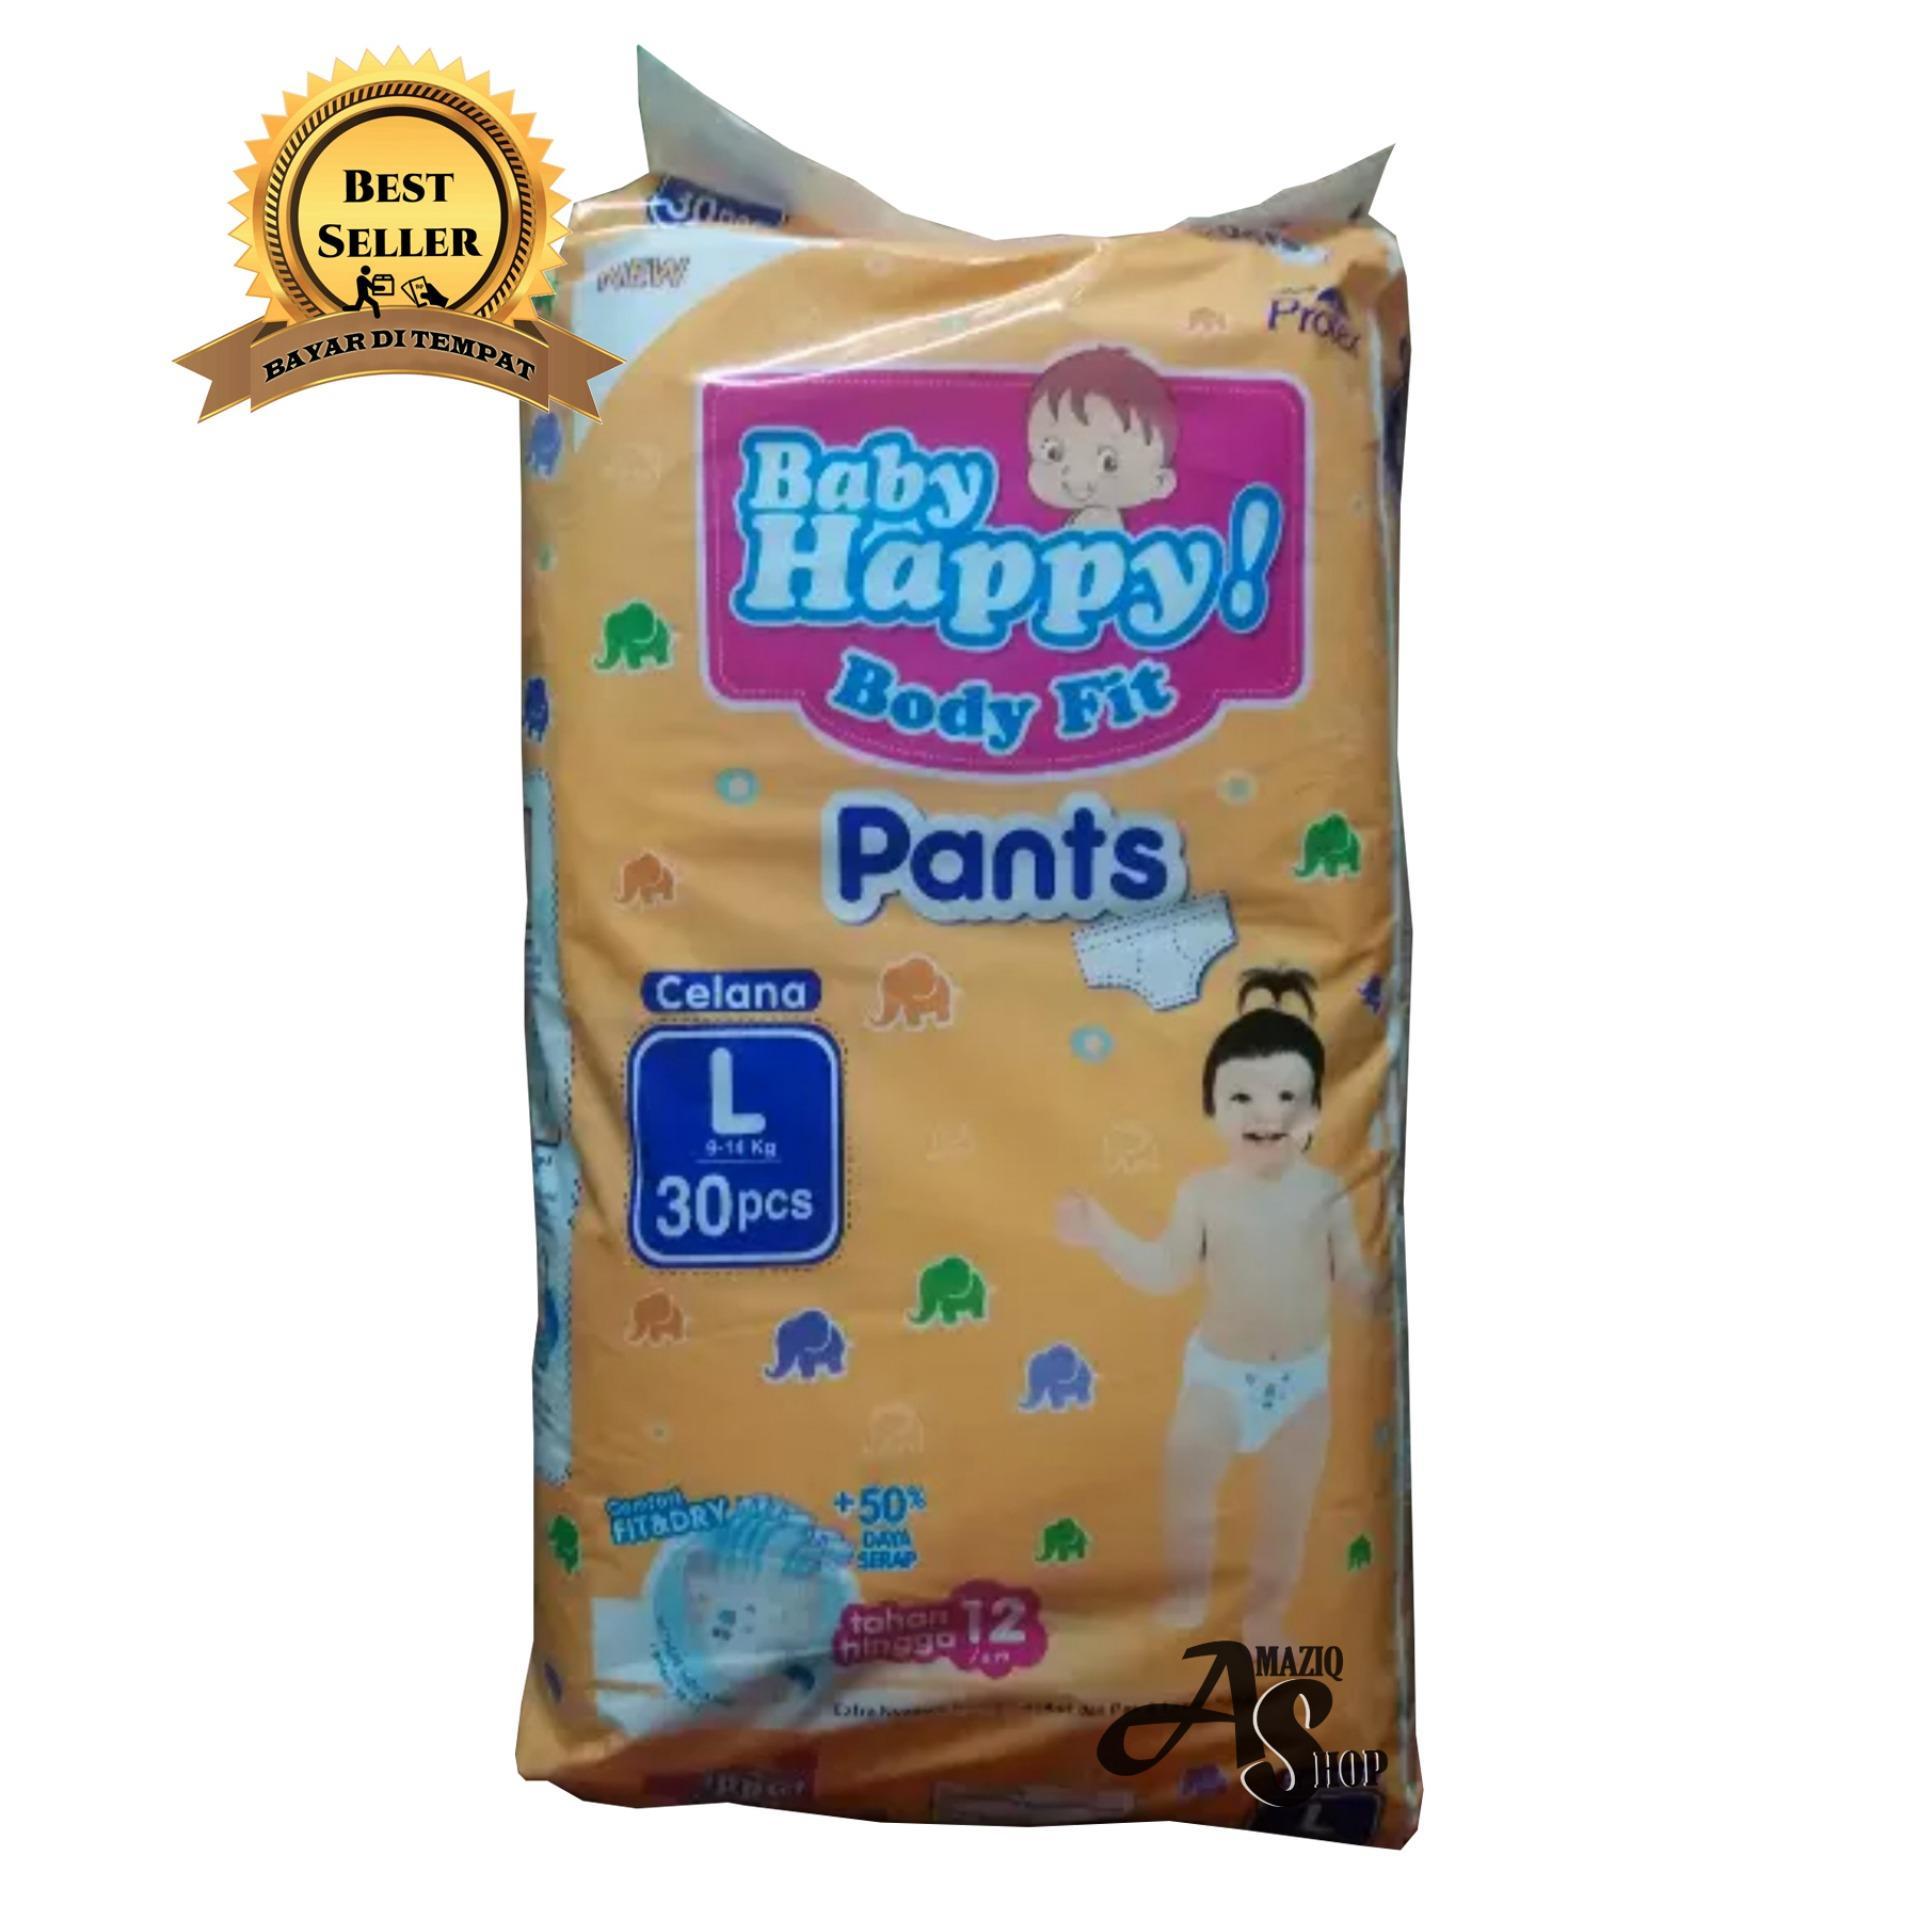 ... Anak Dan Bayi Size L 30 Source · Happy Diapers Pant Popok Bayi Giraffe Size L 26 pcs Source Baby Happy Body fit Pants